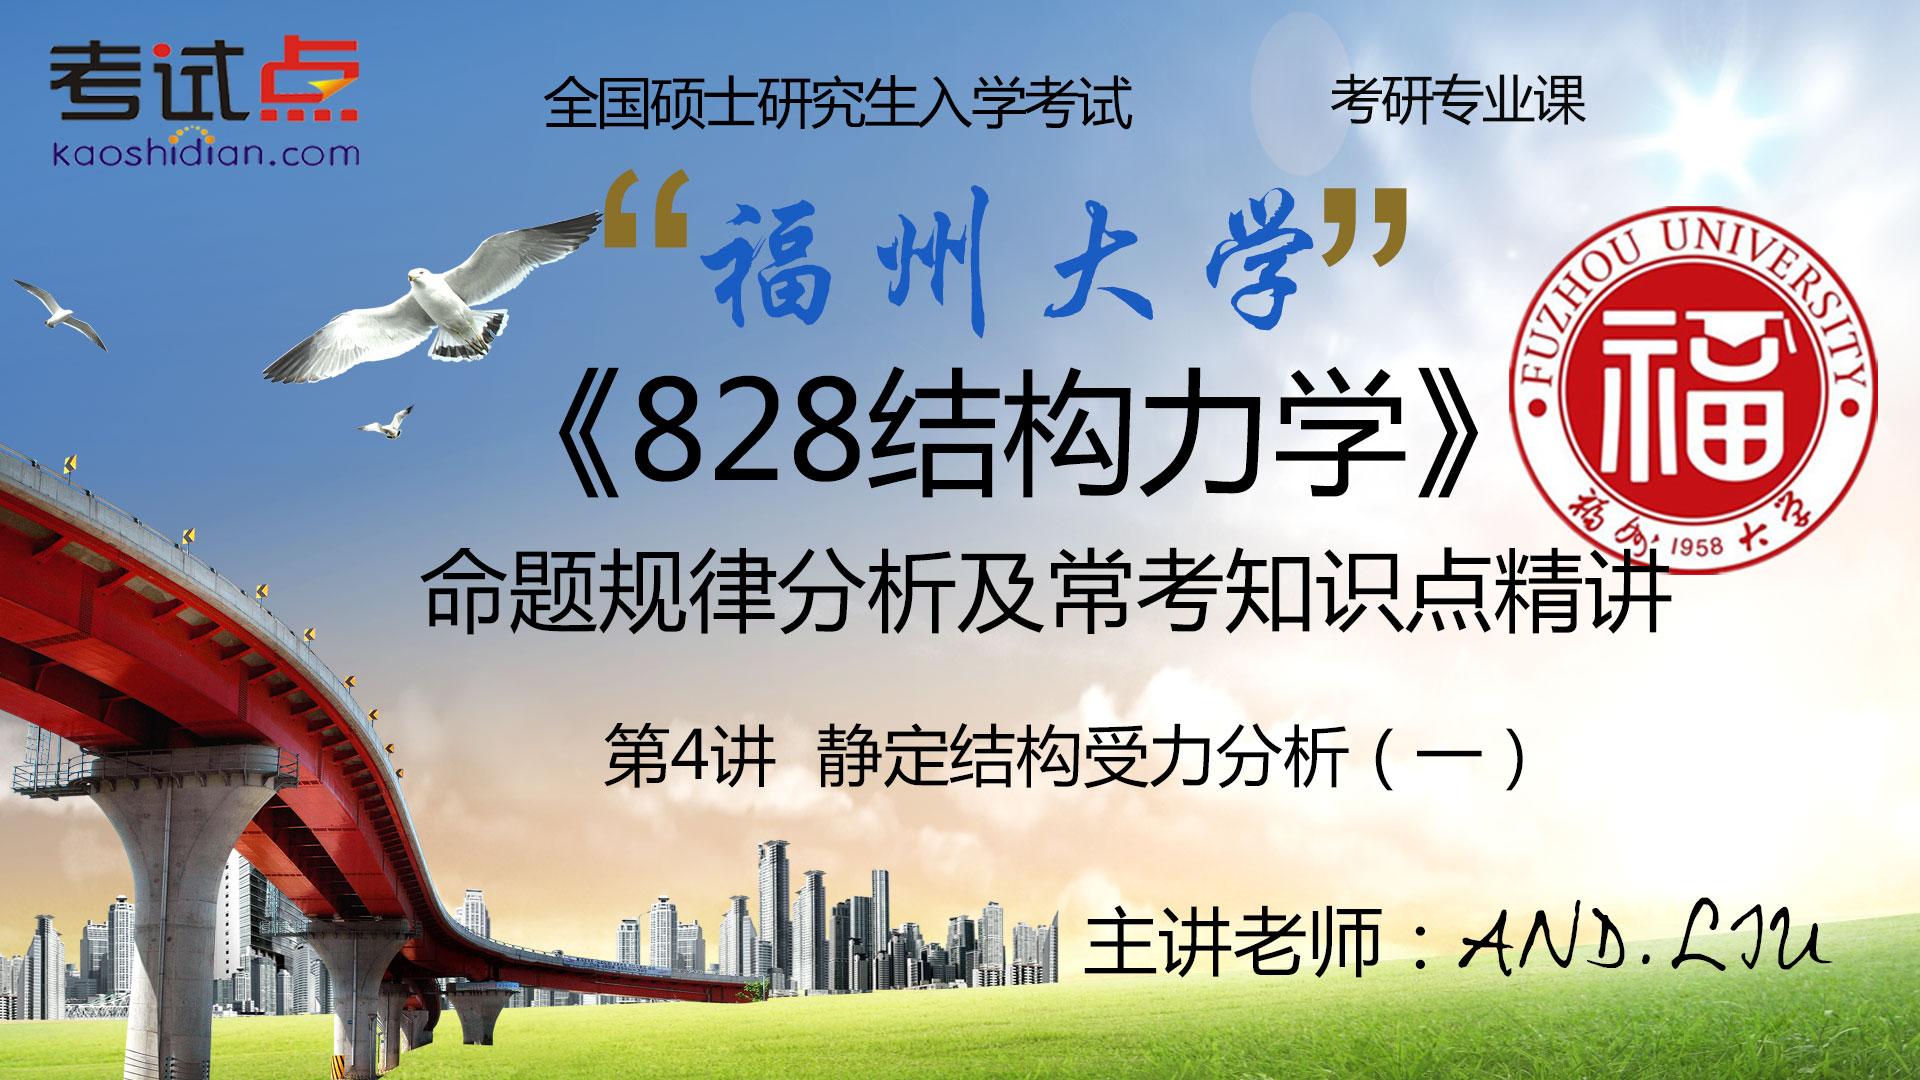 【考研专业课】福州大学《828结构力学》命题规律